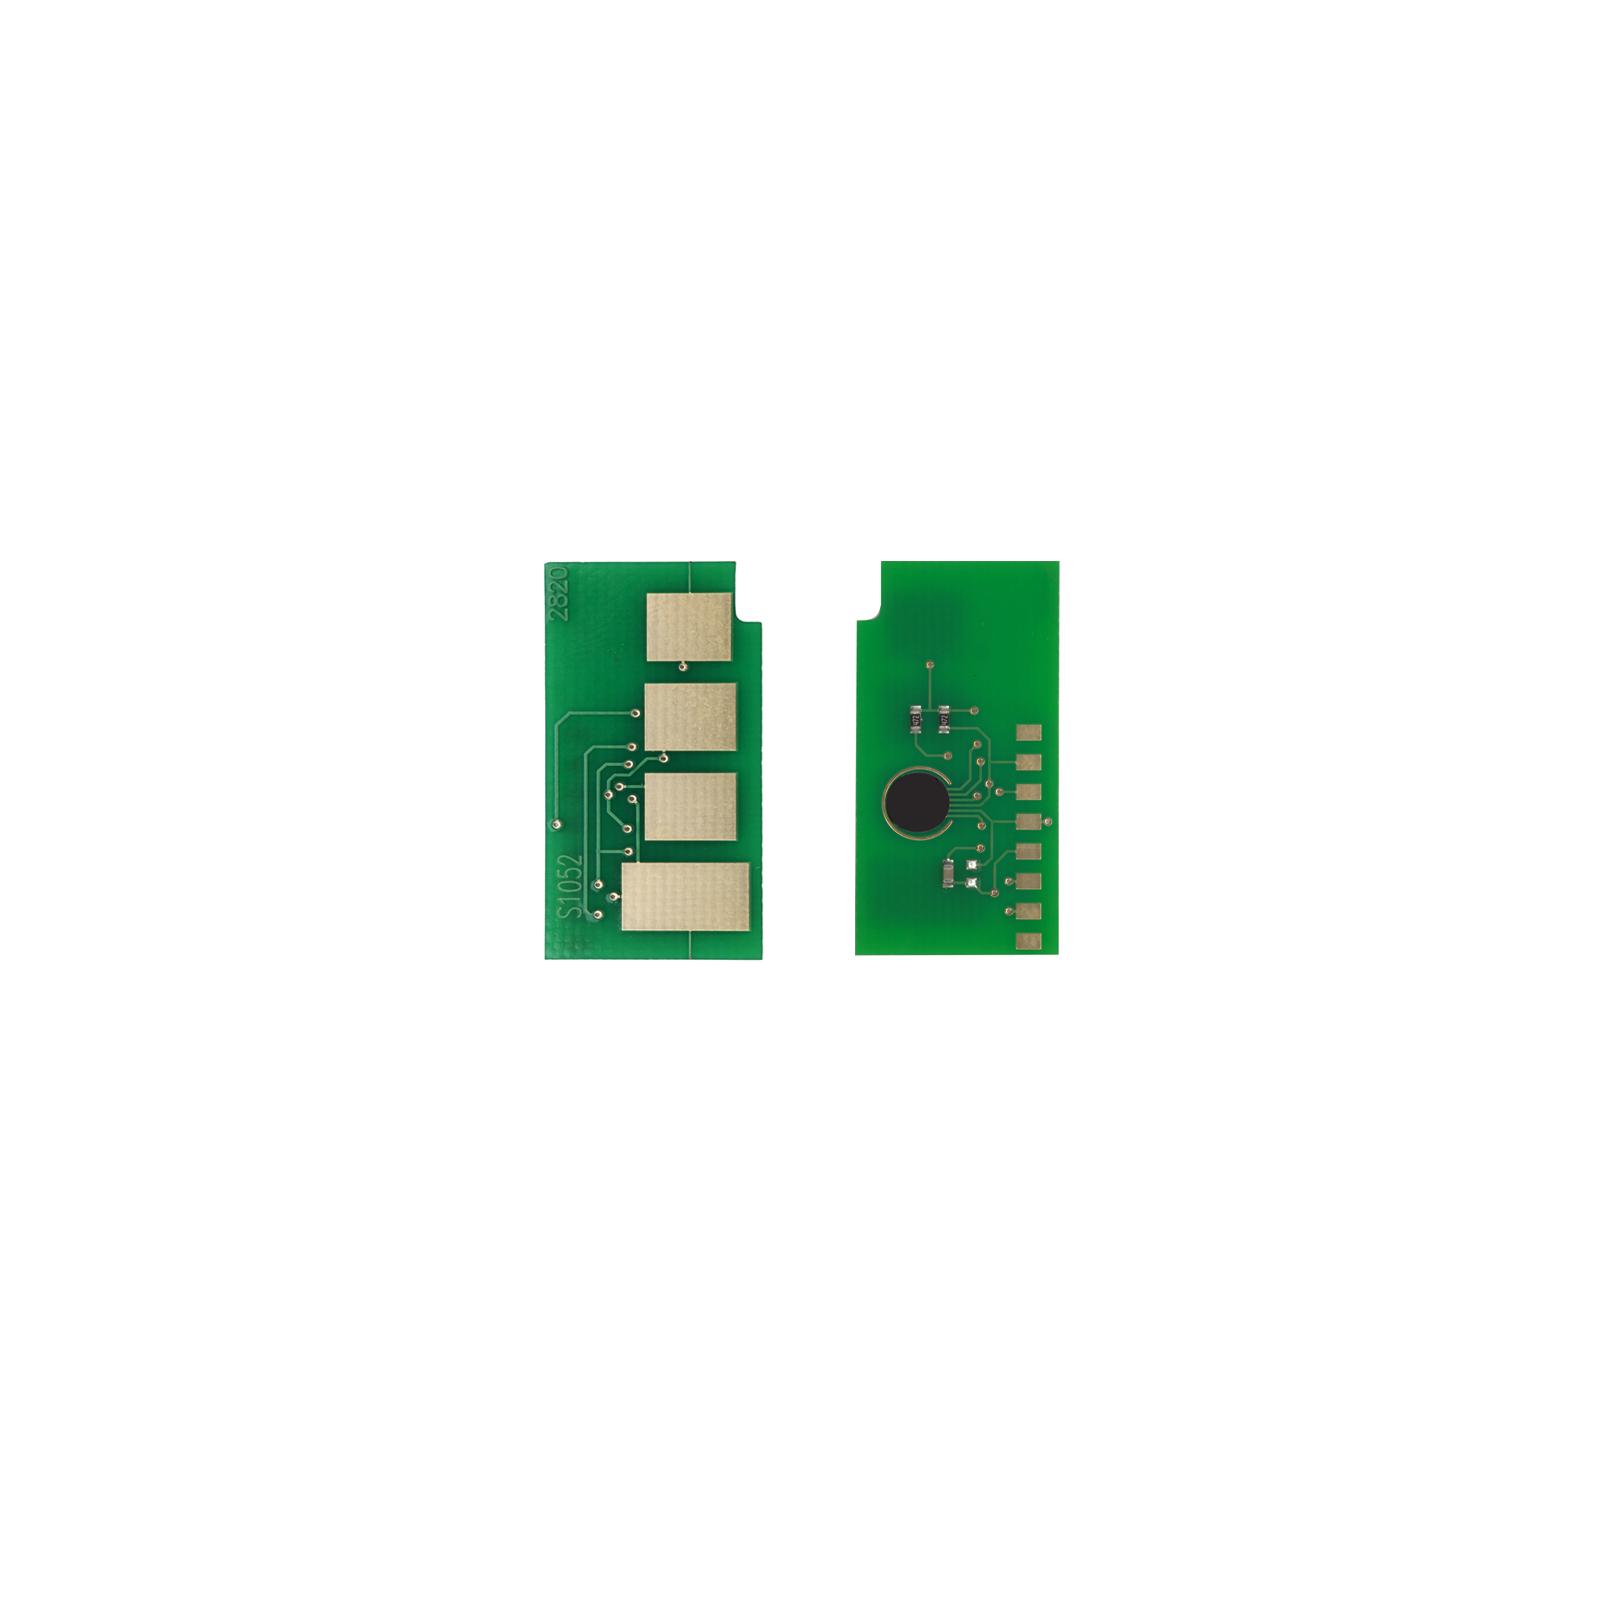 Чип для картриджа XeroxWC3210/3220 (106R01487) 4.1k Static Control (X3220CHIP2-LA)